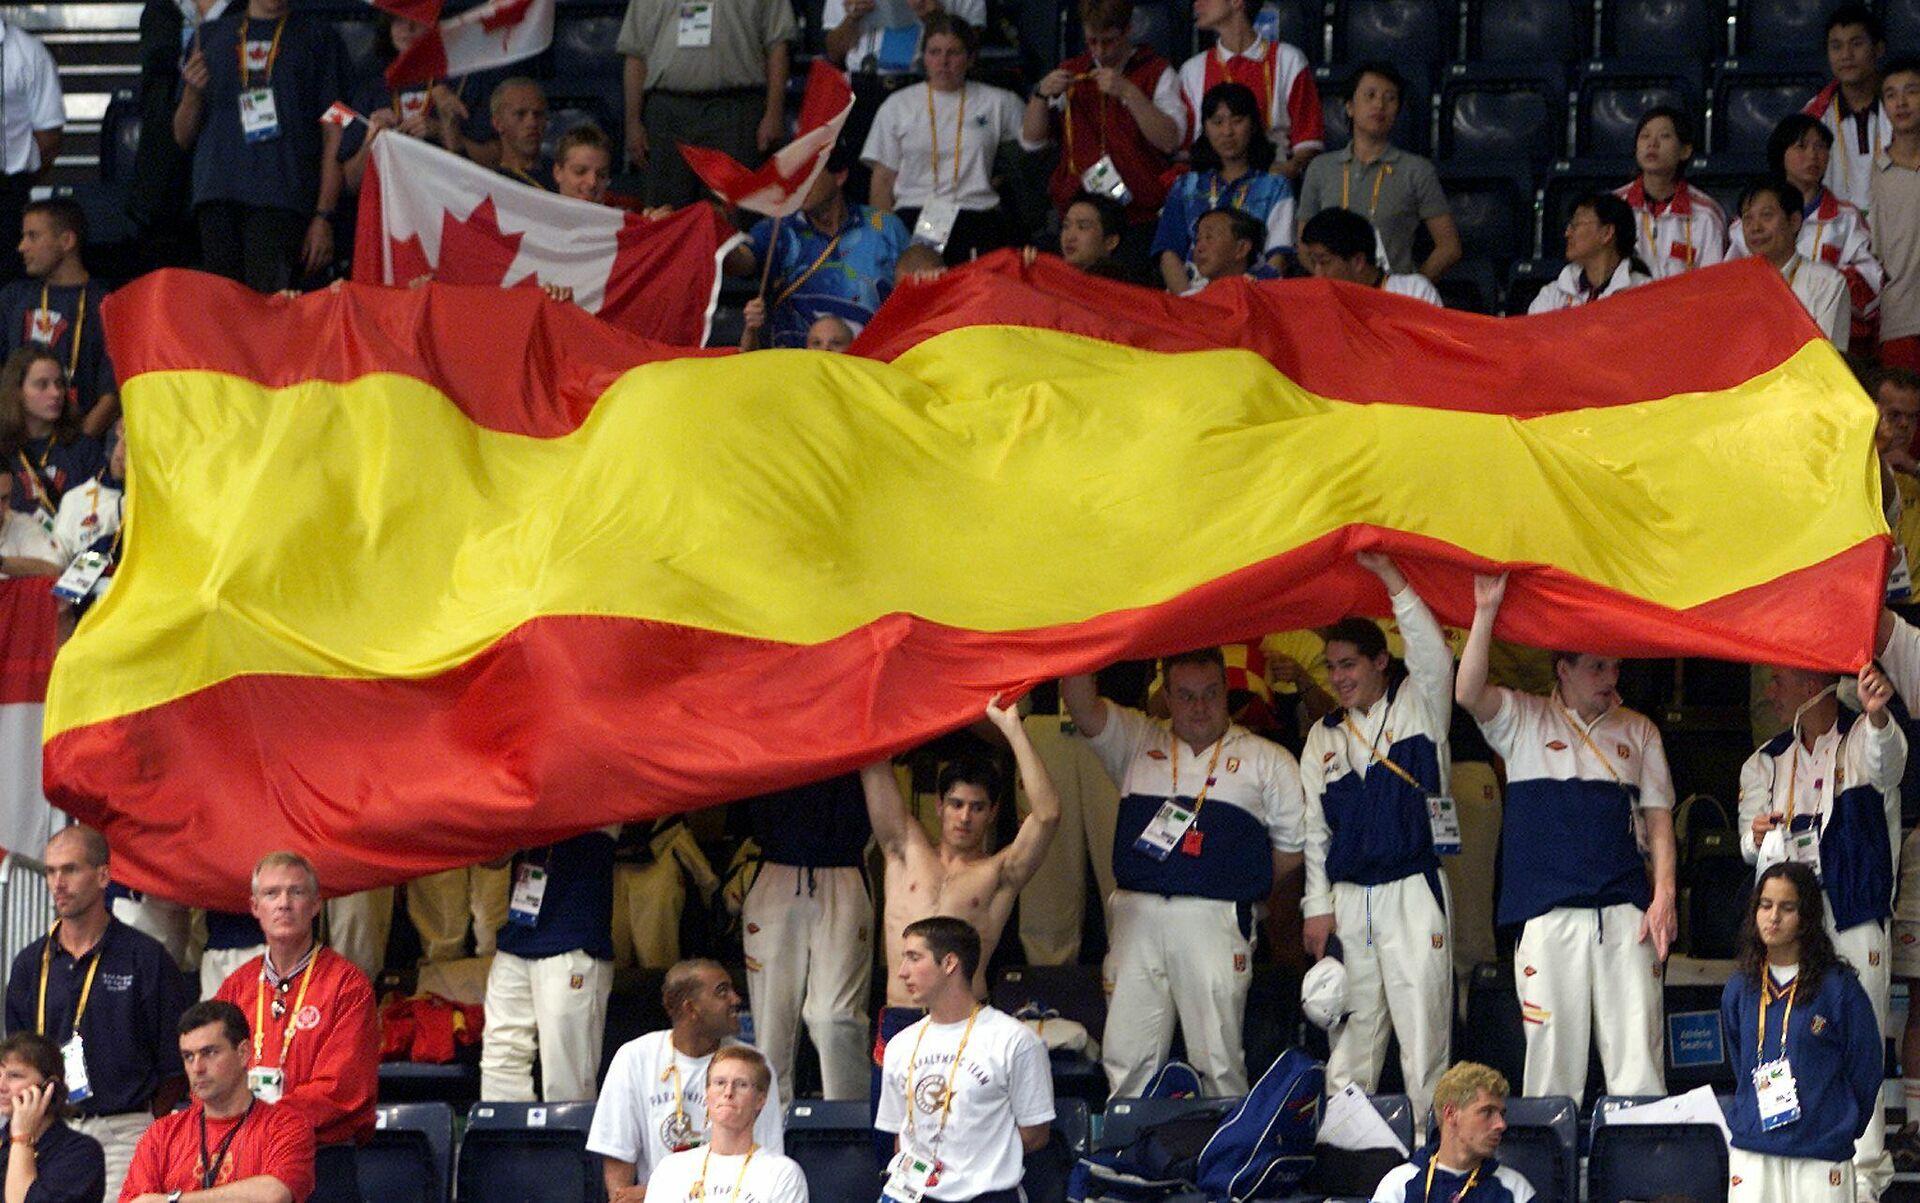 Спортсмены сборной Испании на Паралимпиаде 2000 года в Сиднее - РИА Новости, 1920, 22.04.2021